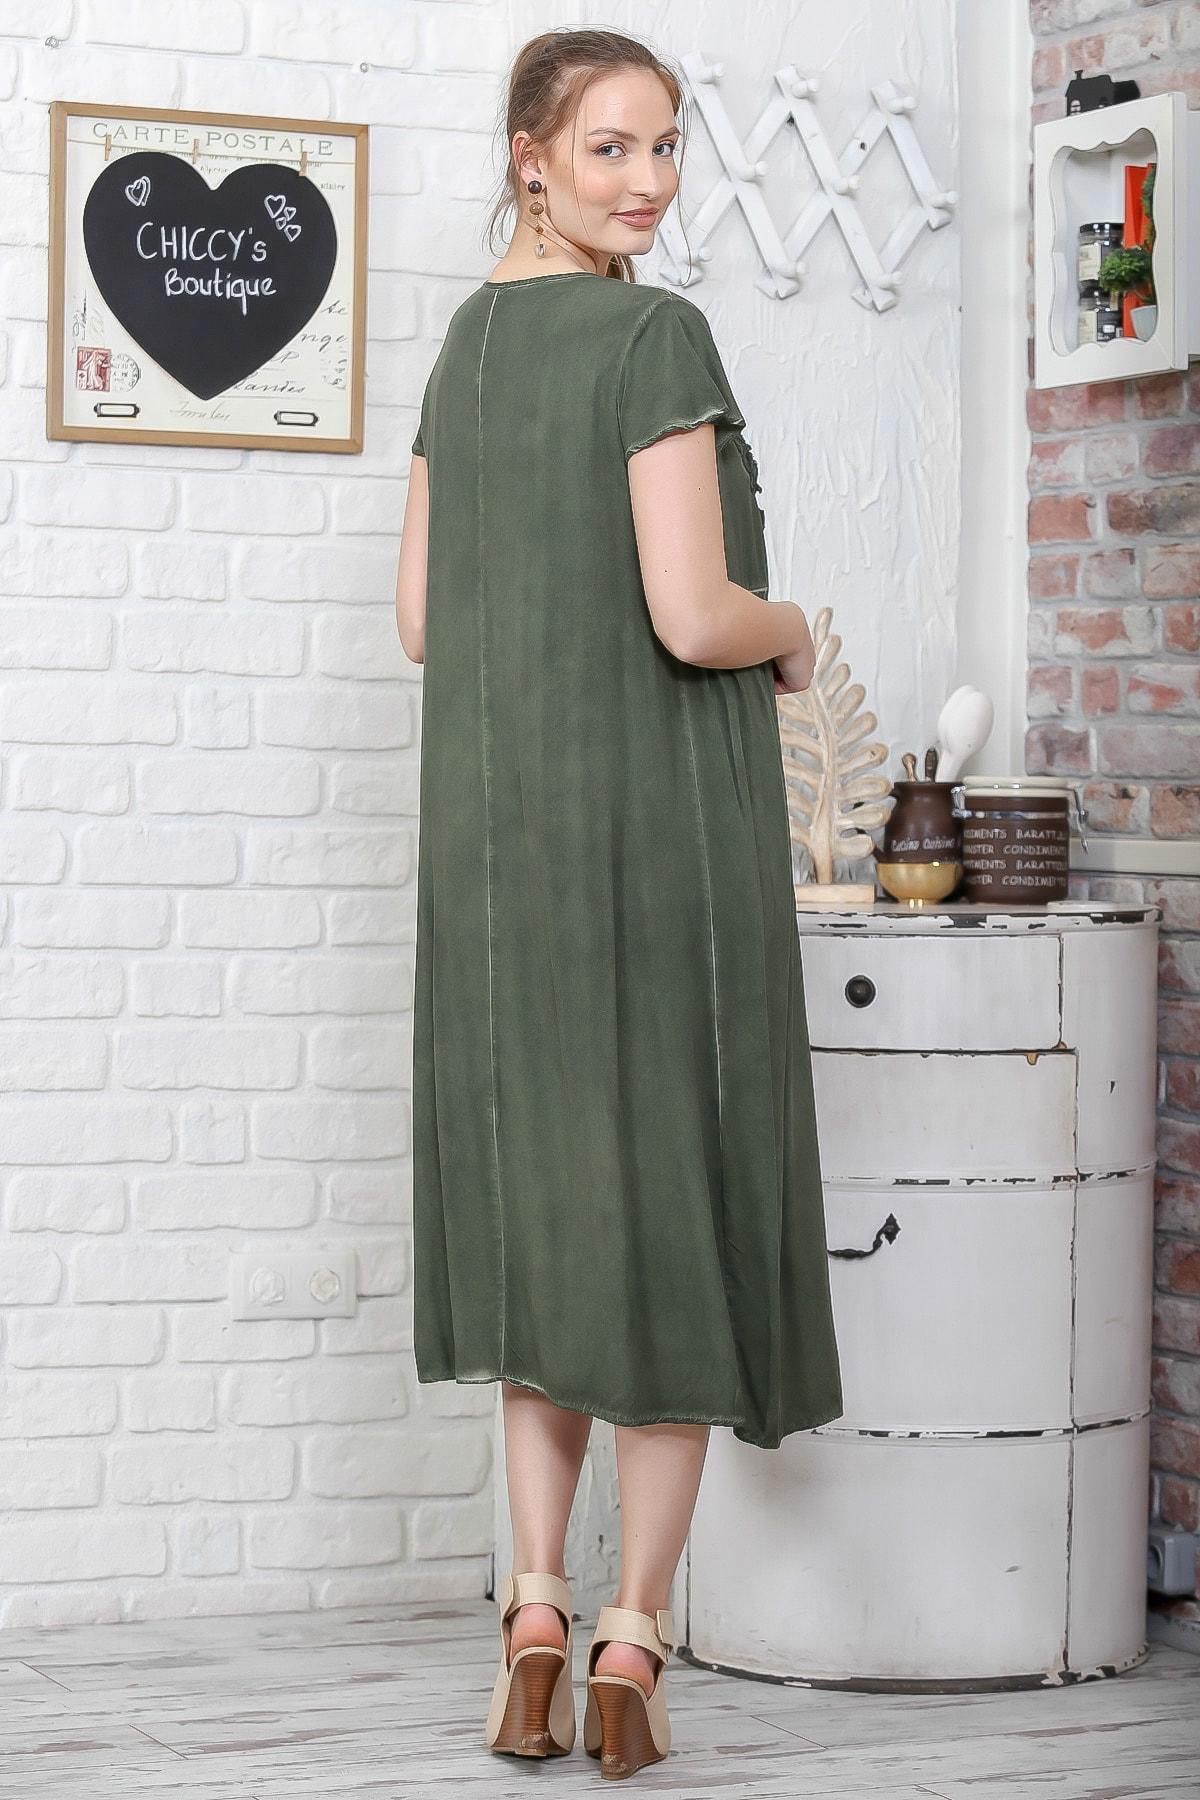 Chiccy Kadın Haki Sıfır Yaka Süzene Çiçek Aplikeli Salaş Yıkamalı Elbise M10160000EL95109 3